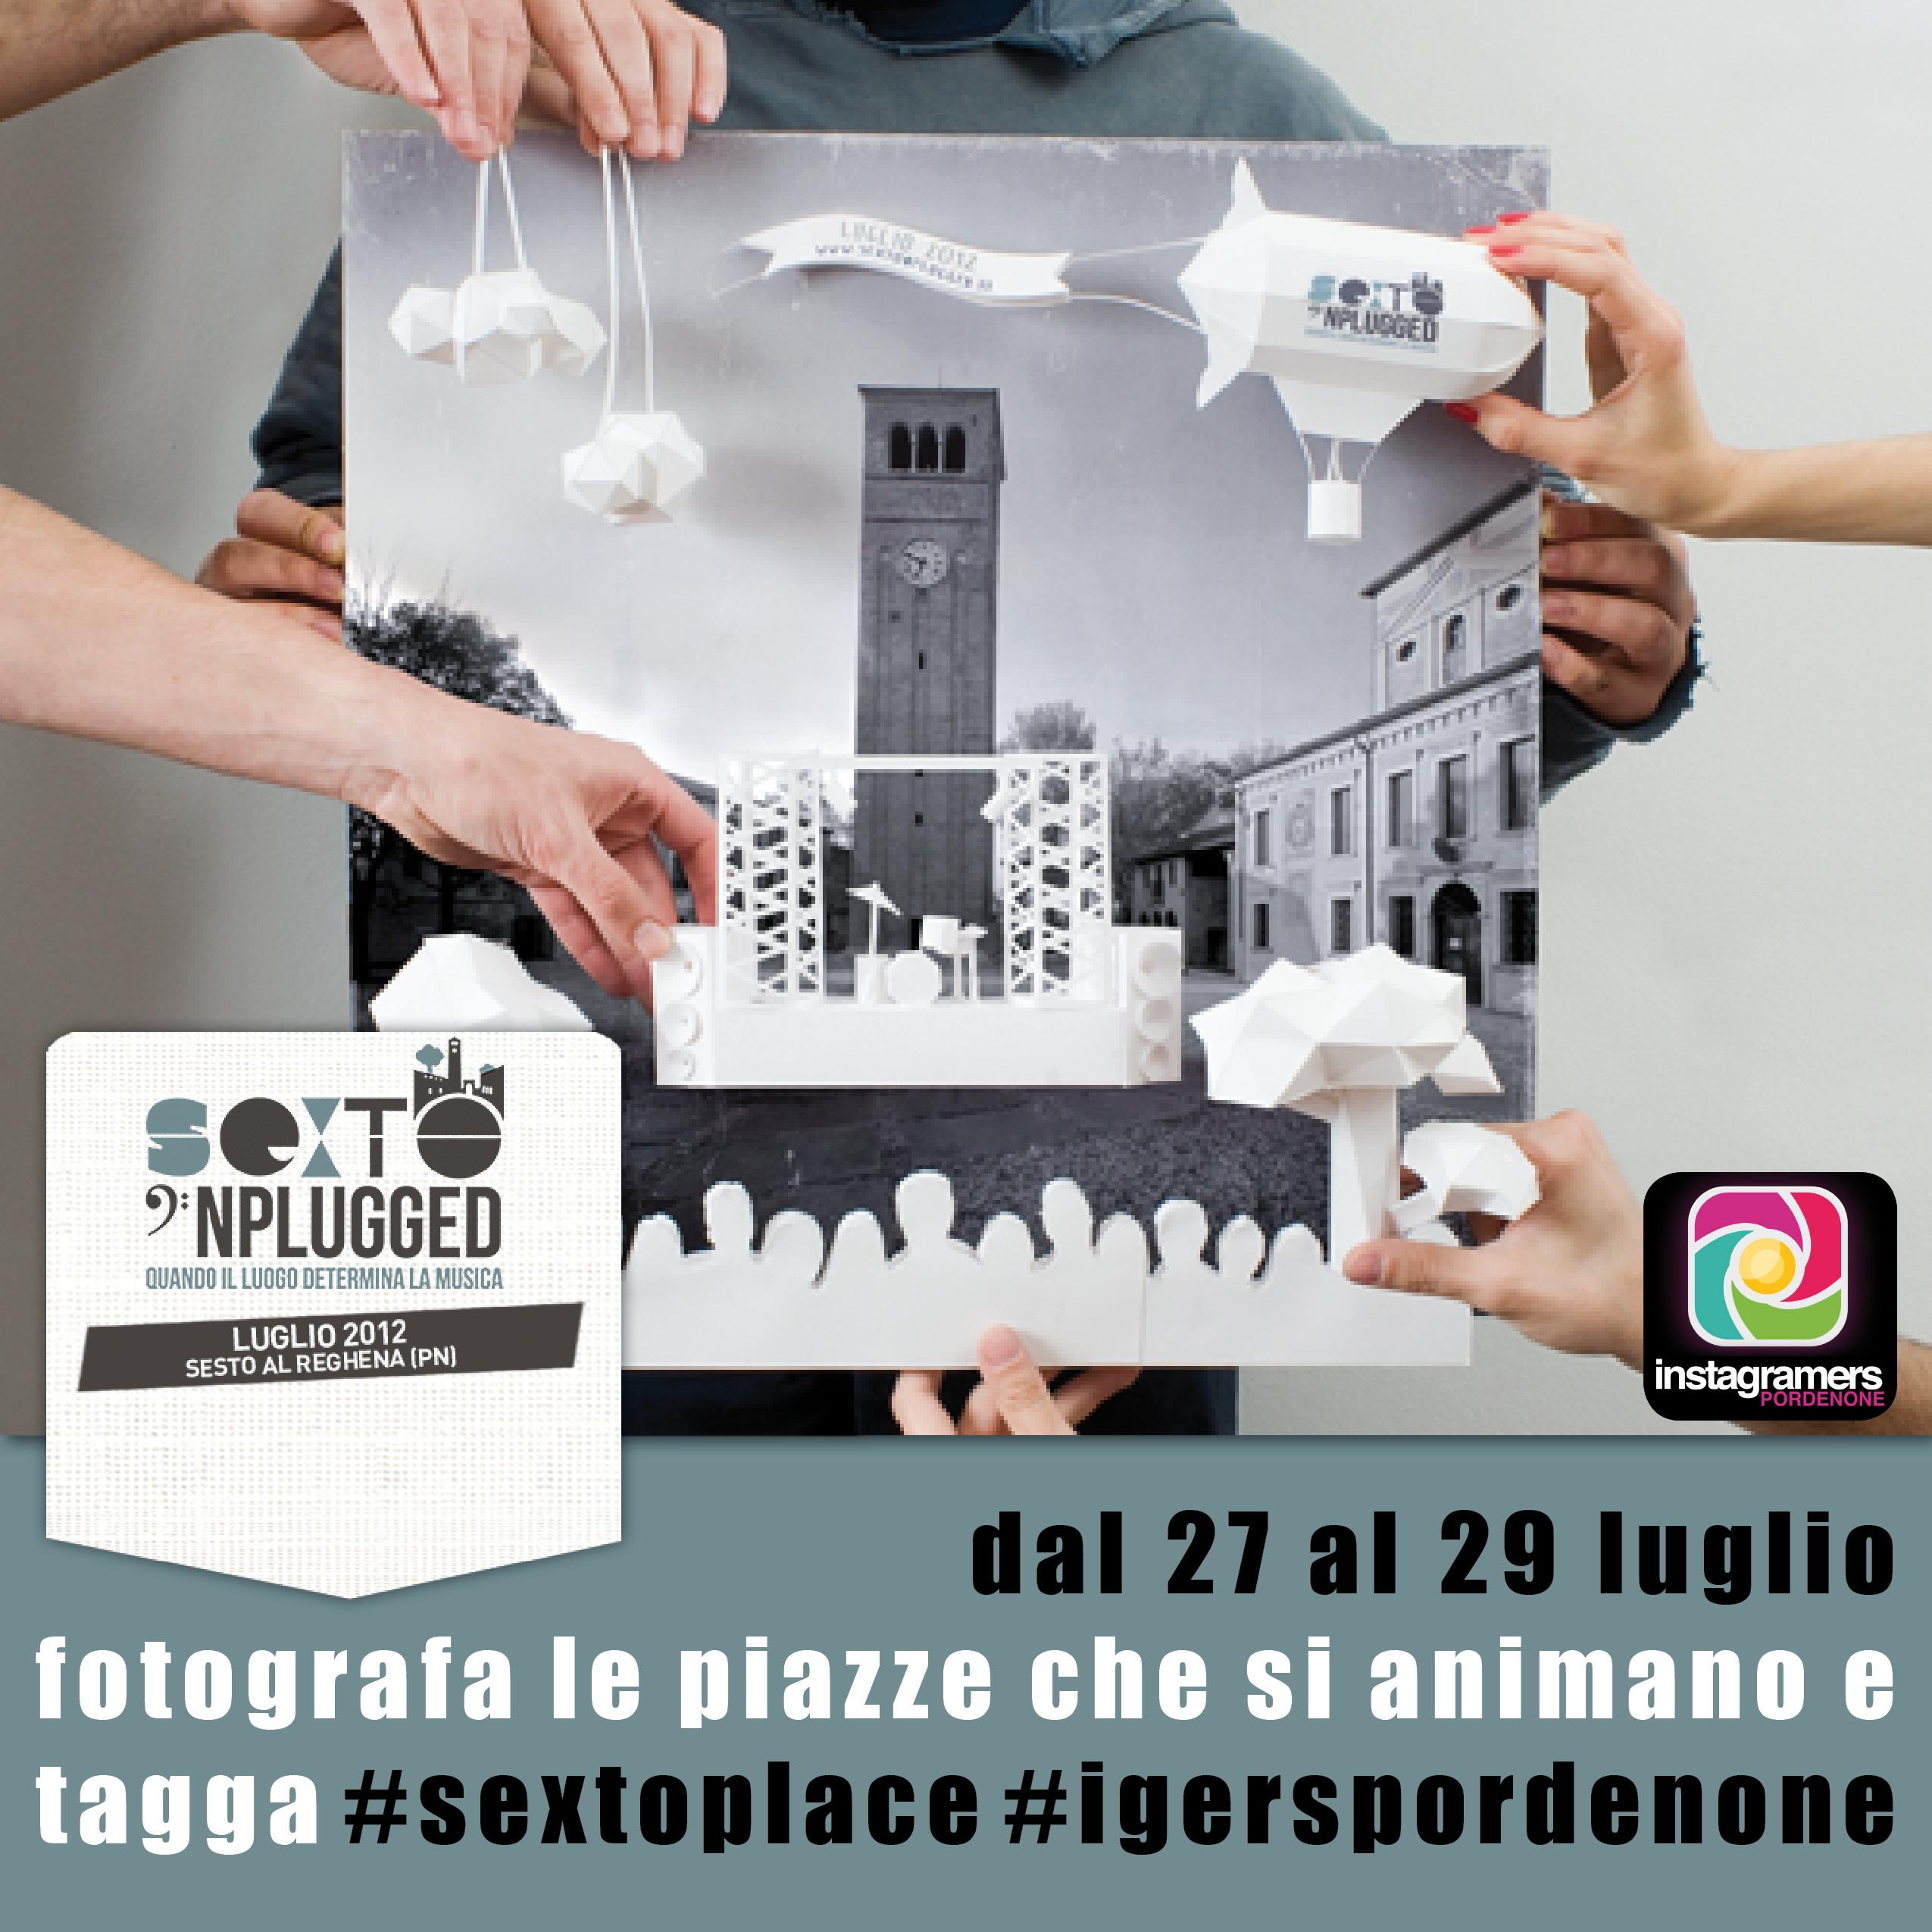 Fotografa le piazze e vinci musica con Sexto'Nplugged e Igerspordenone